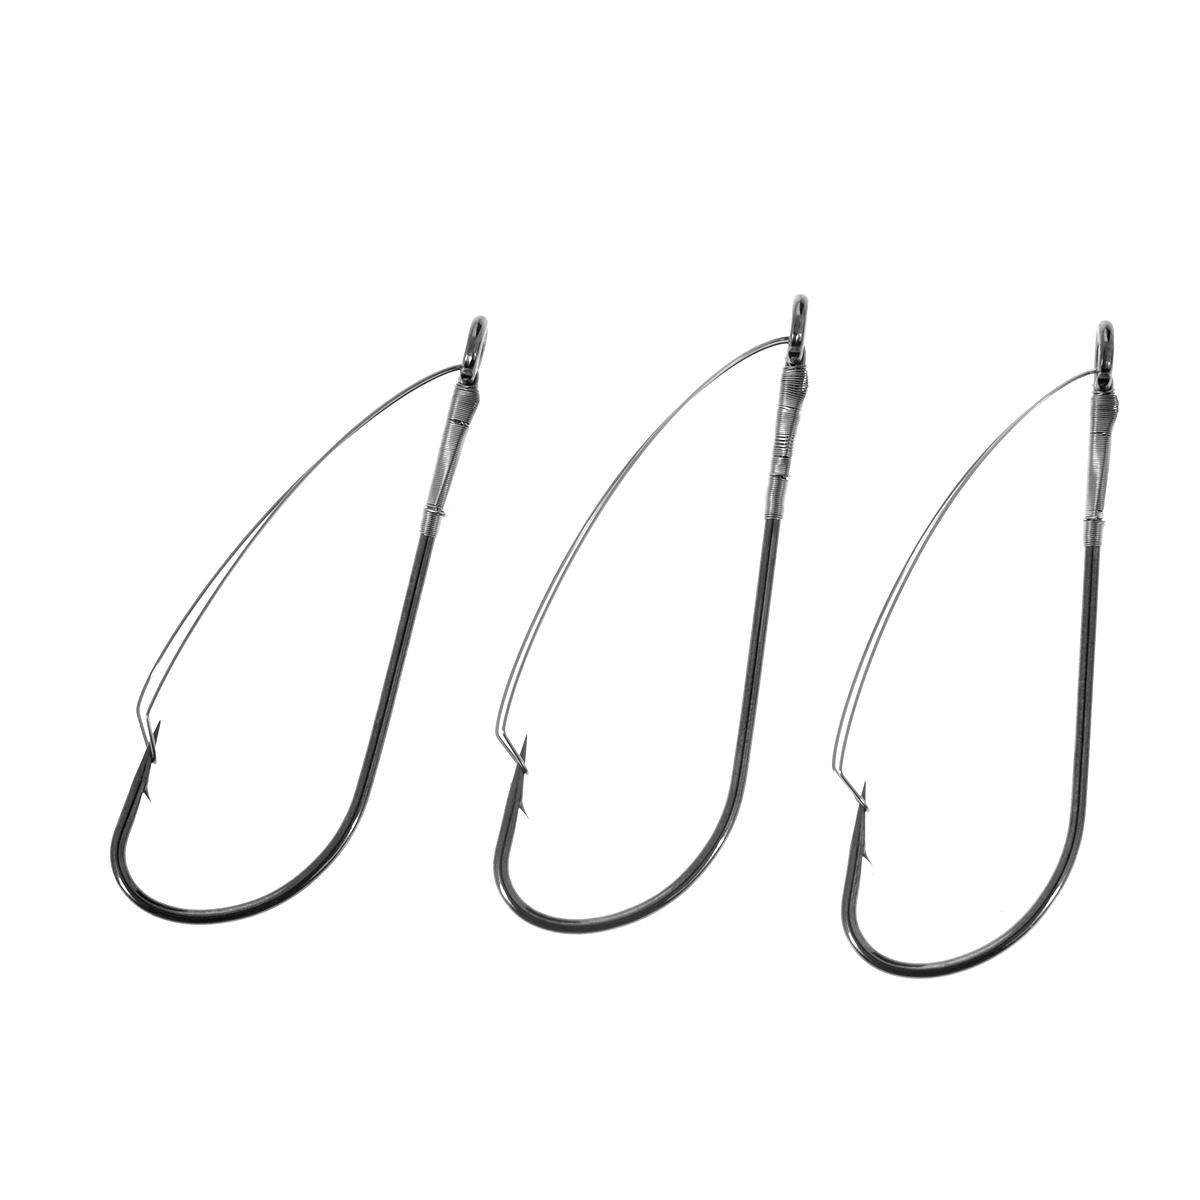 Крючки рыболовные Cobra Weedless, цвет: черный, размер 1, 3 штMABLSEH10001Cobra Weedless - серия крючков c проволочной защитой. Идеальный вариант для ловли крупной рыбы в местах, где возможны частые зацепы и потеря приманок - коряжнике, среди водорослей и камней. Широко используются для оснащения блесен, снасточек, пластиковых и других приманок.